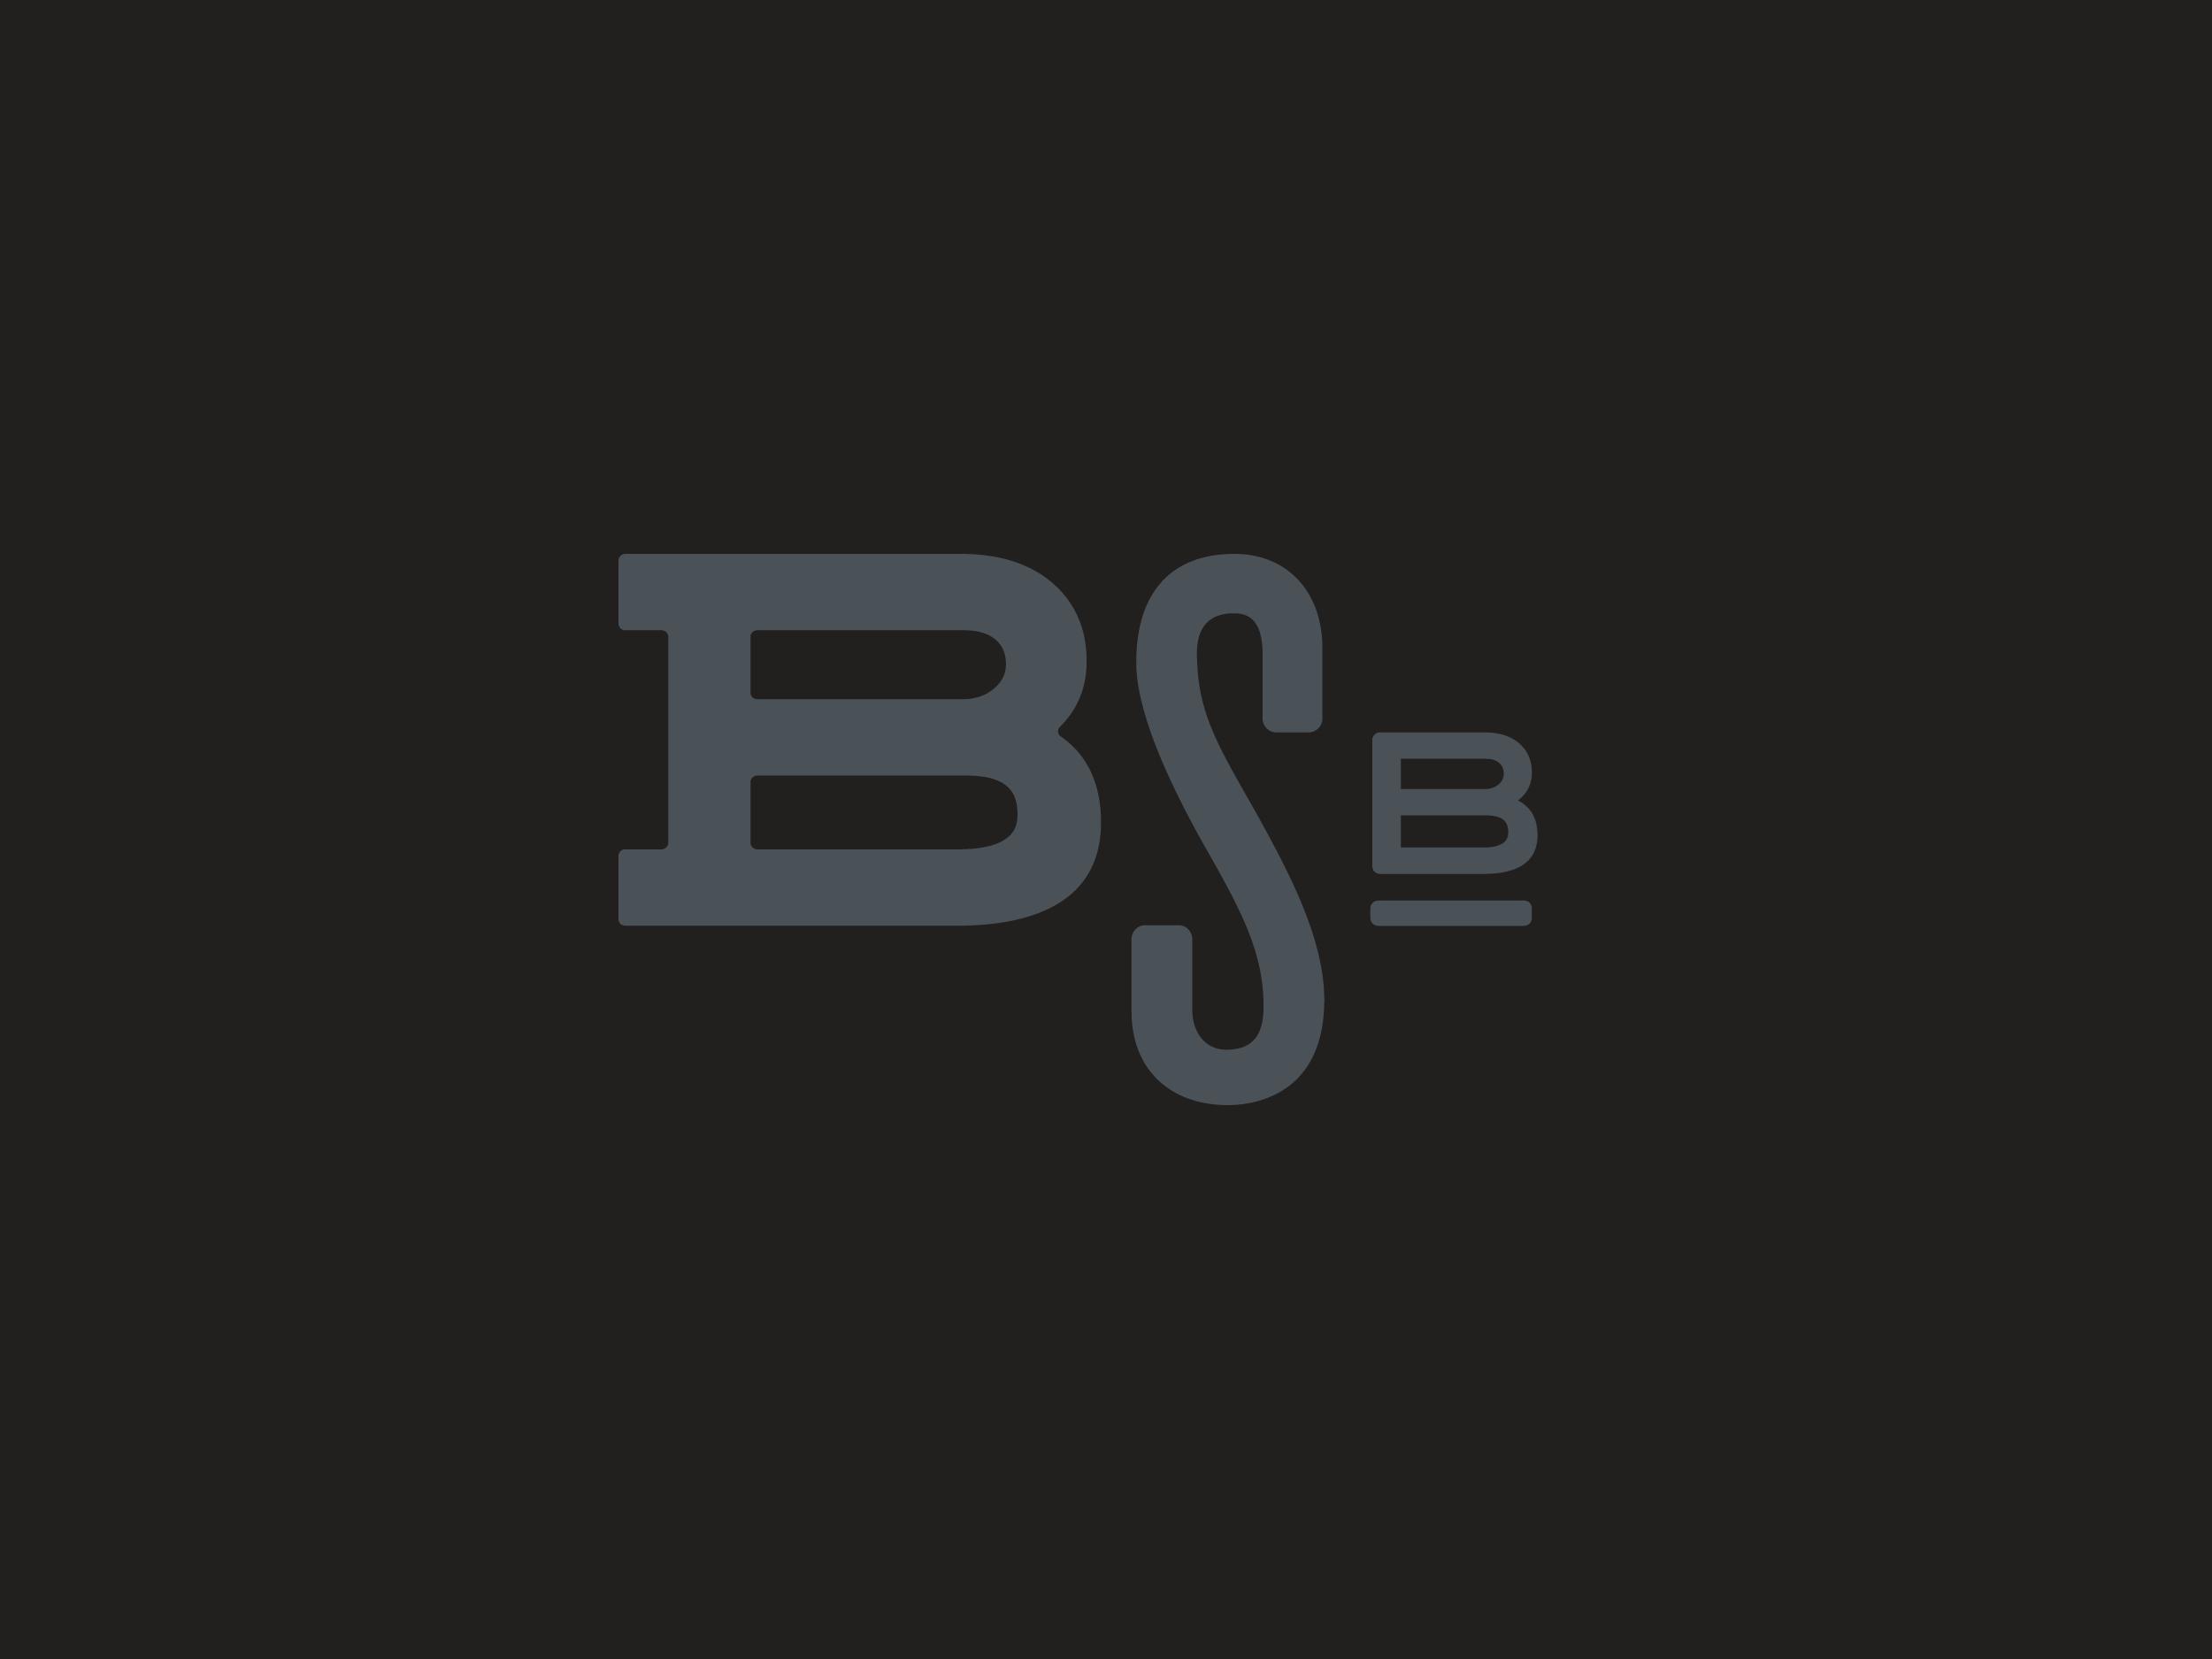 SH_Logos_Image_14.png